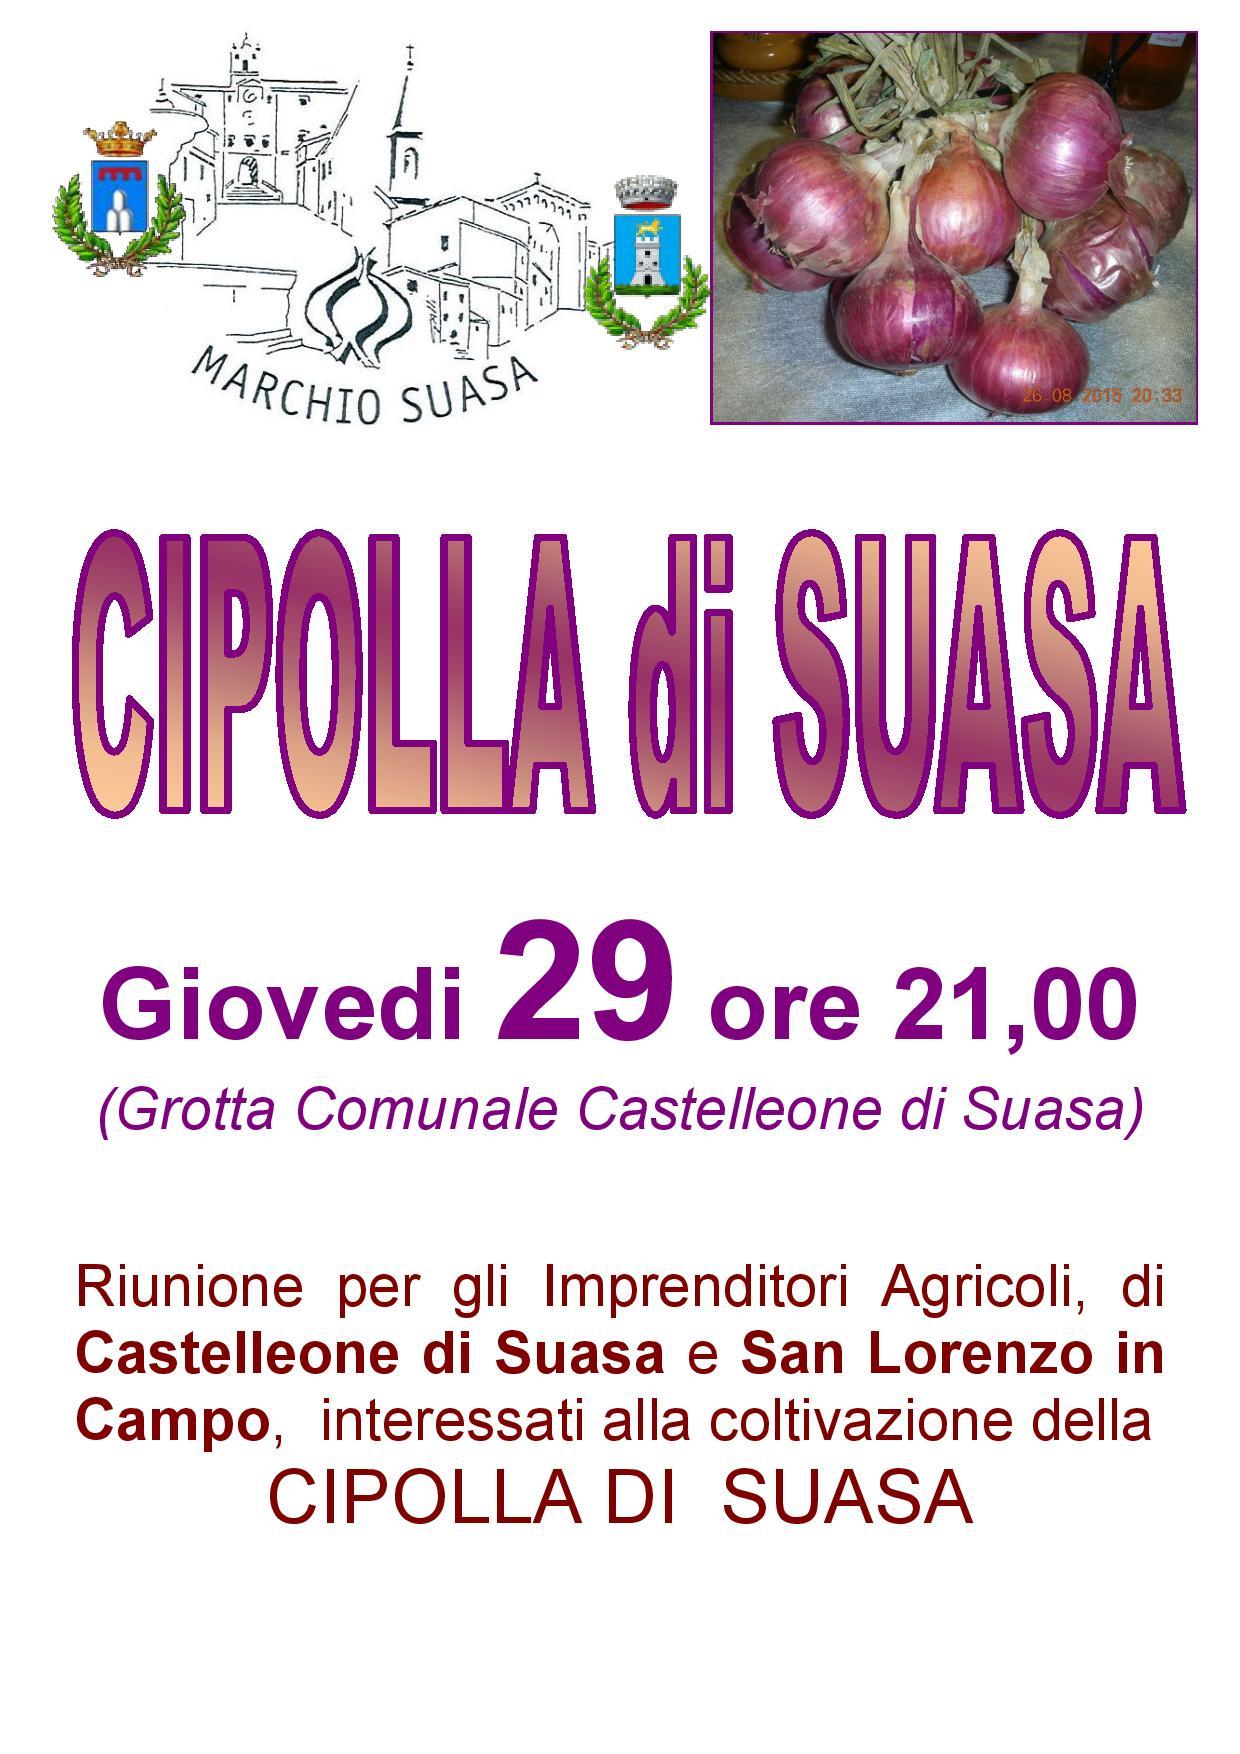 Invito-ad-incontro-per-CIPOLLA-DI-SUASA_29SET16_Locandina-page-001